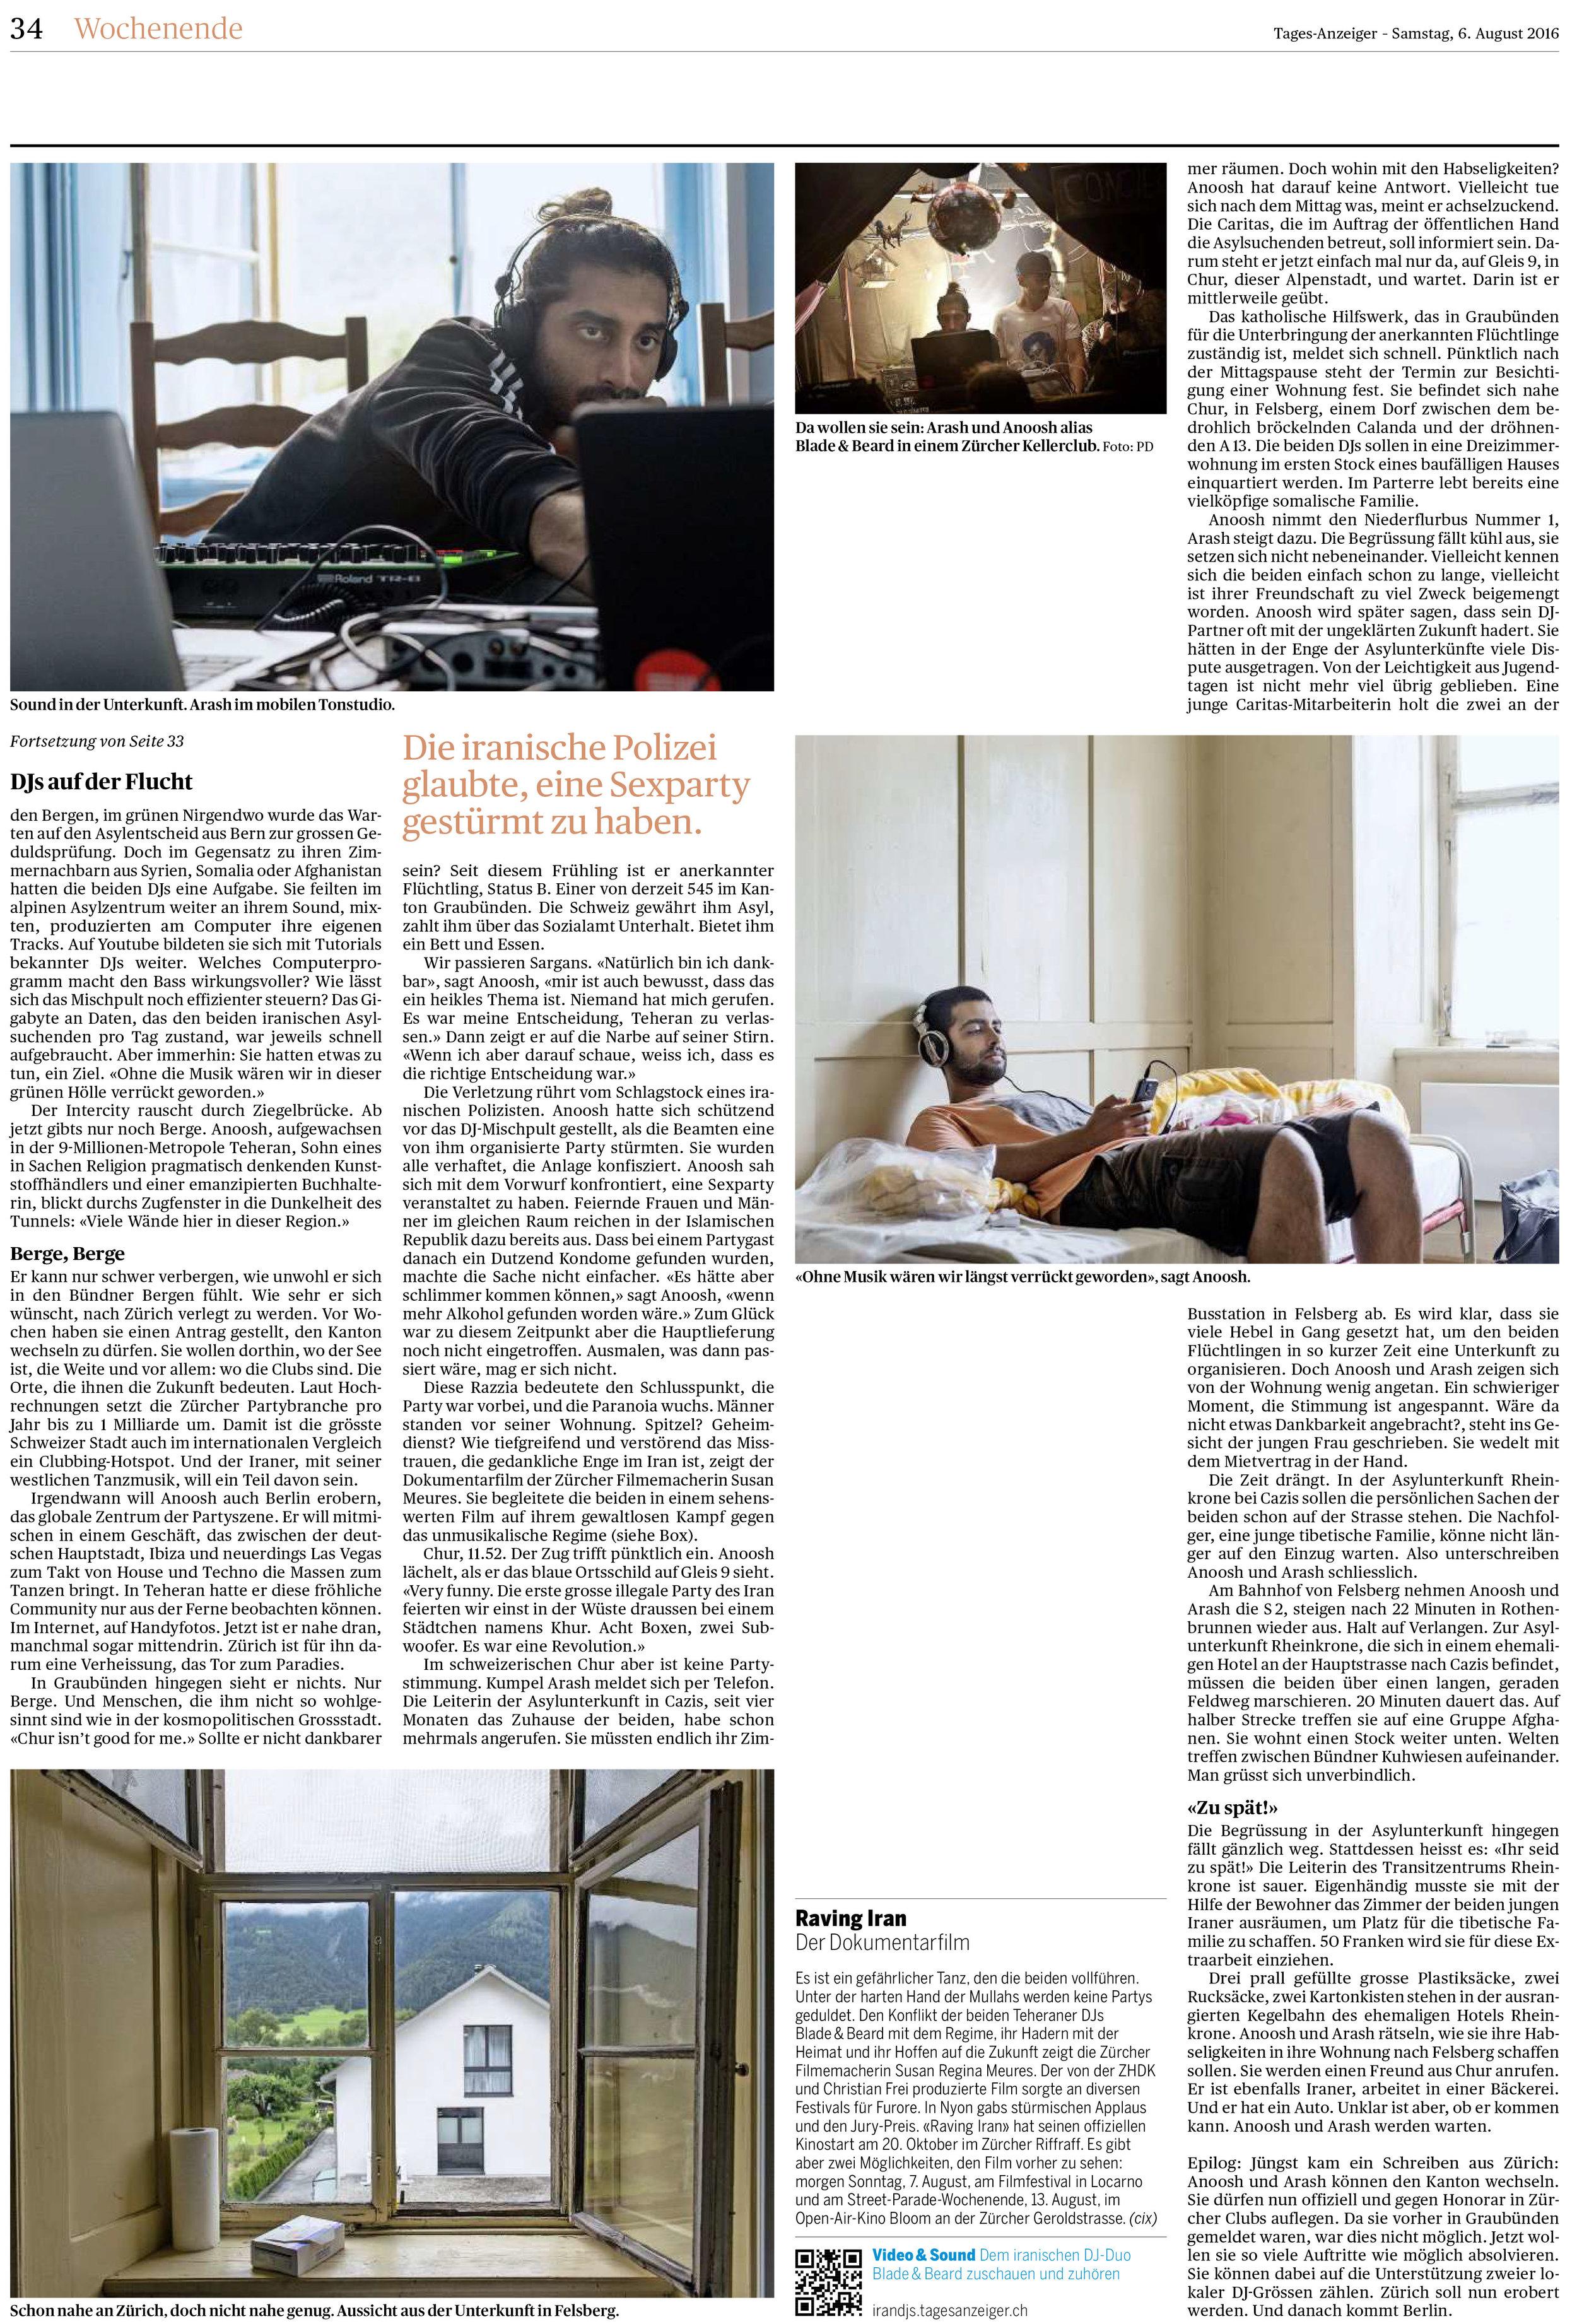 Seite_34_Tages-Anzeiger_2016-08-06.jpg